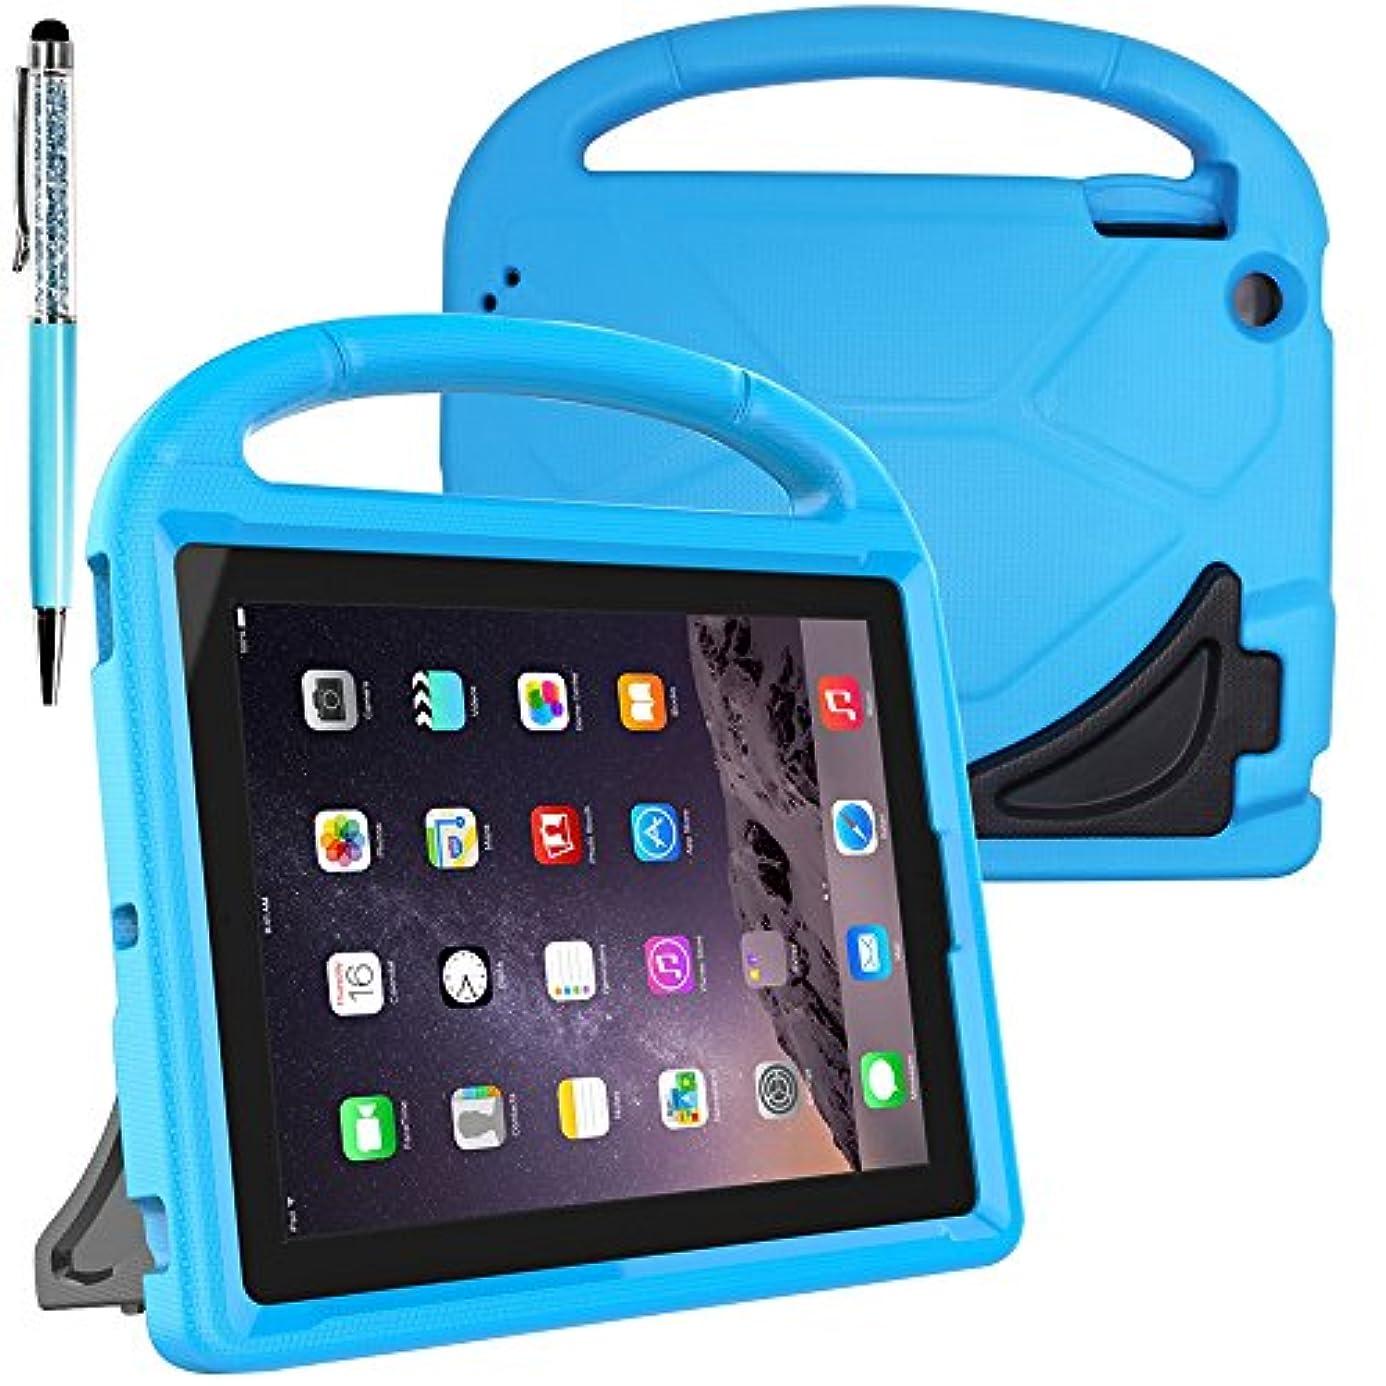 キリストメルボルン技術保護子供ケース for 9.7 inch Apple iPad 2 3 4 Tablet、FineGoodスタイラスボールペン付き携帯用ハンドル&スタンド付きコンバーチブル軽量ショックプルーフEVAカバーケース - ブルー